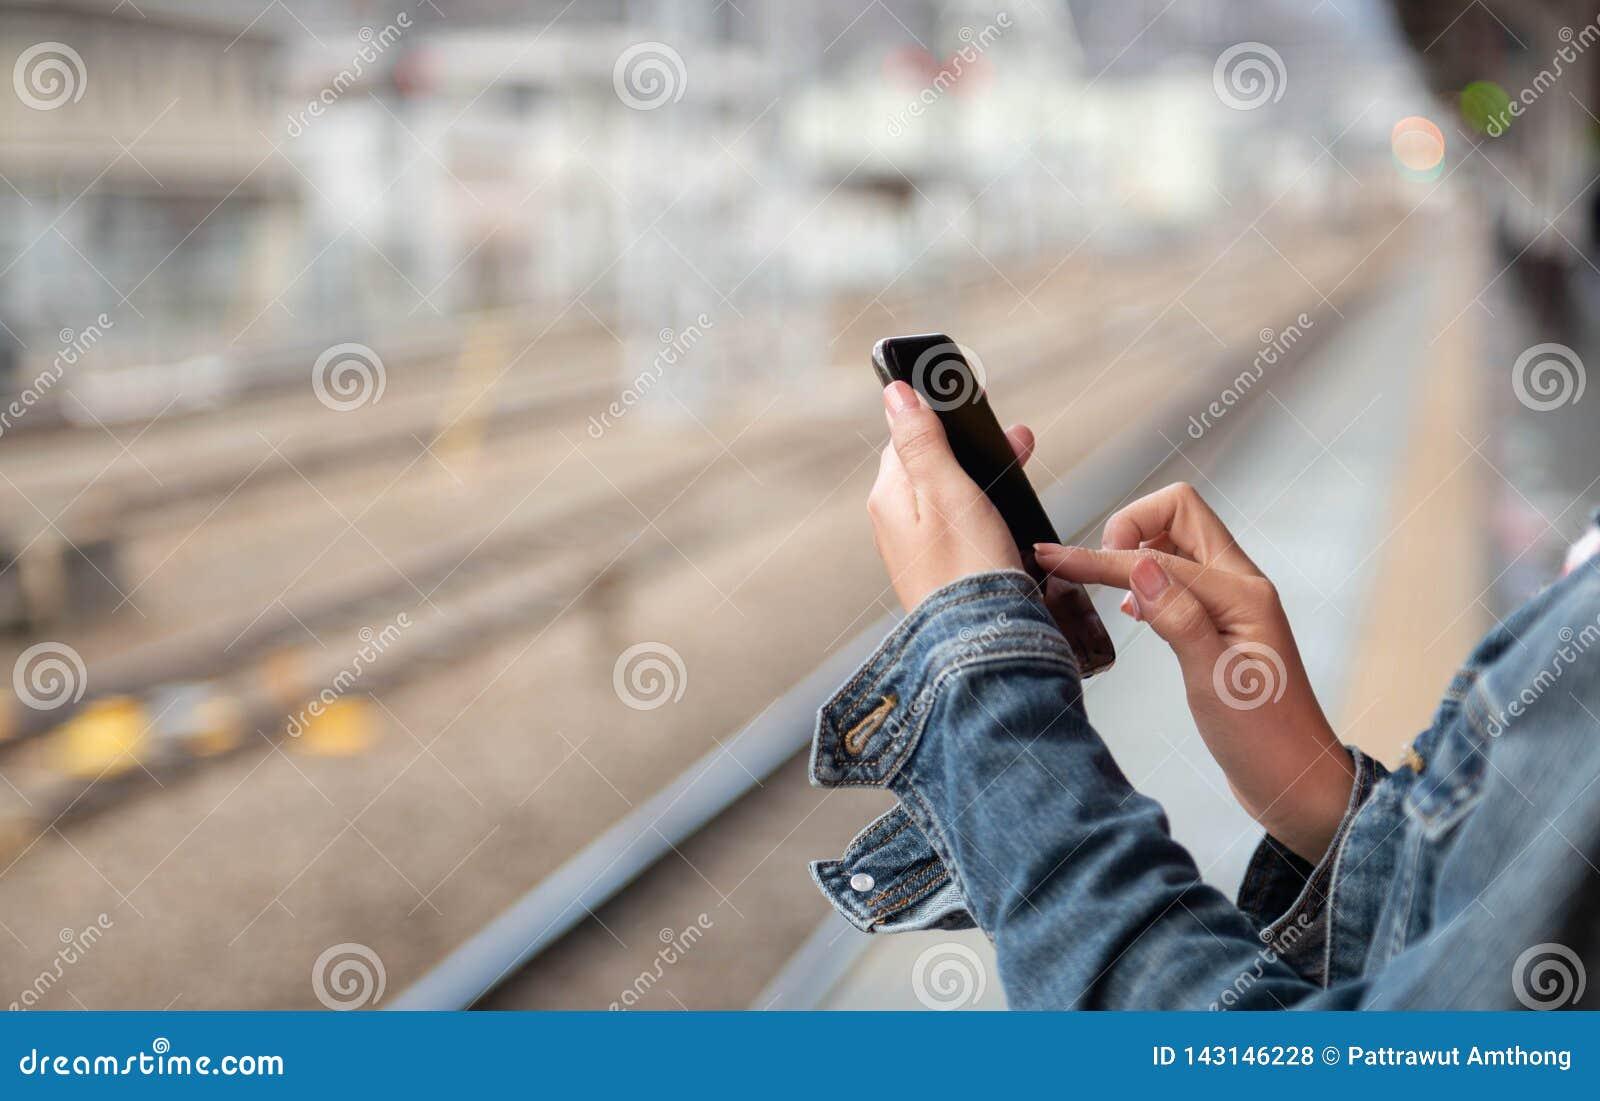 Frau liest Textnachricht am Handy